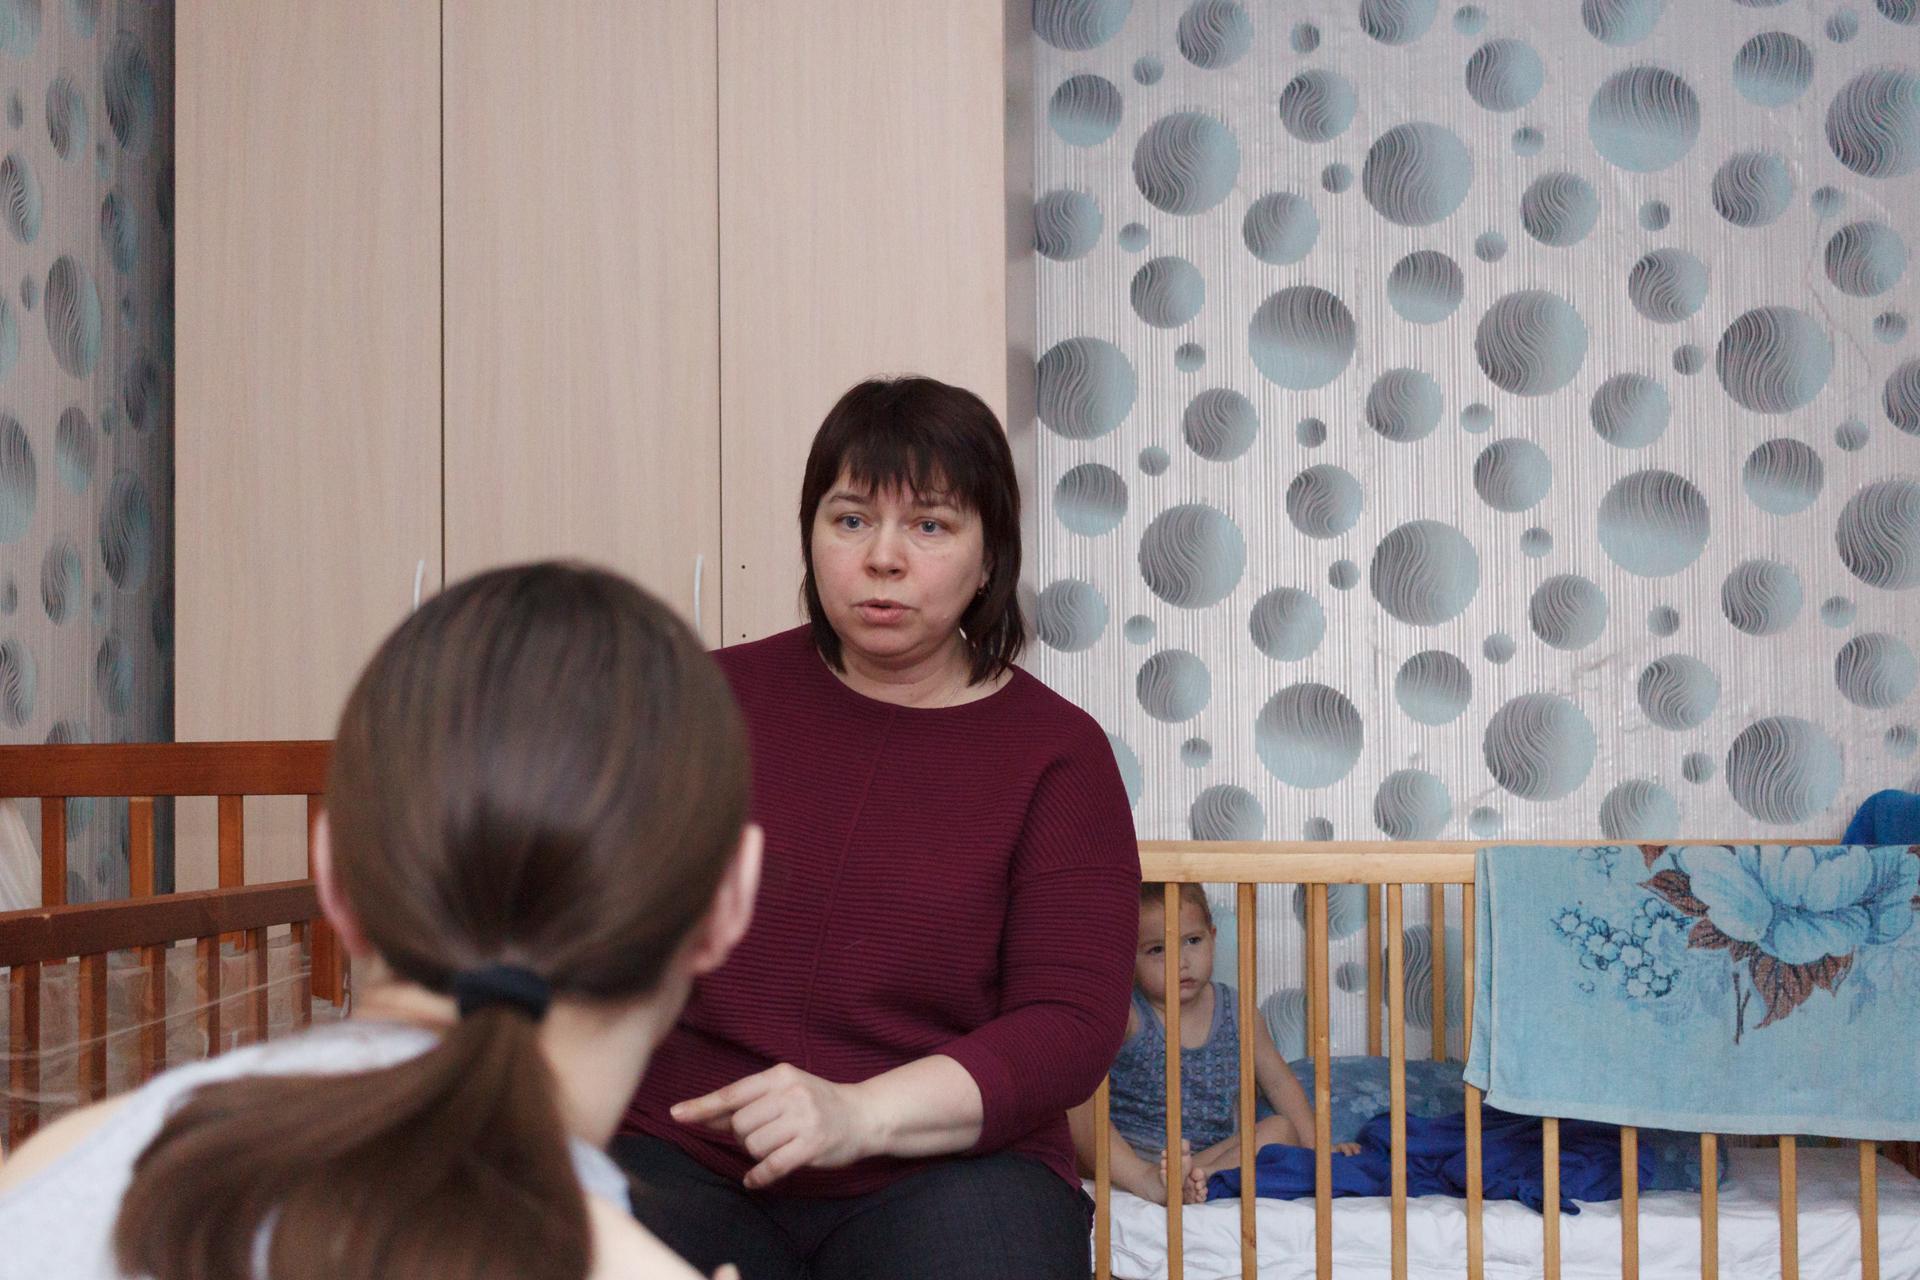 Педиатр и невролог Елена Суханова работает с семьей Надежды Селедковой, мамы Гриши, который прикован к кровати